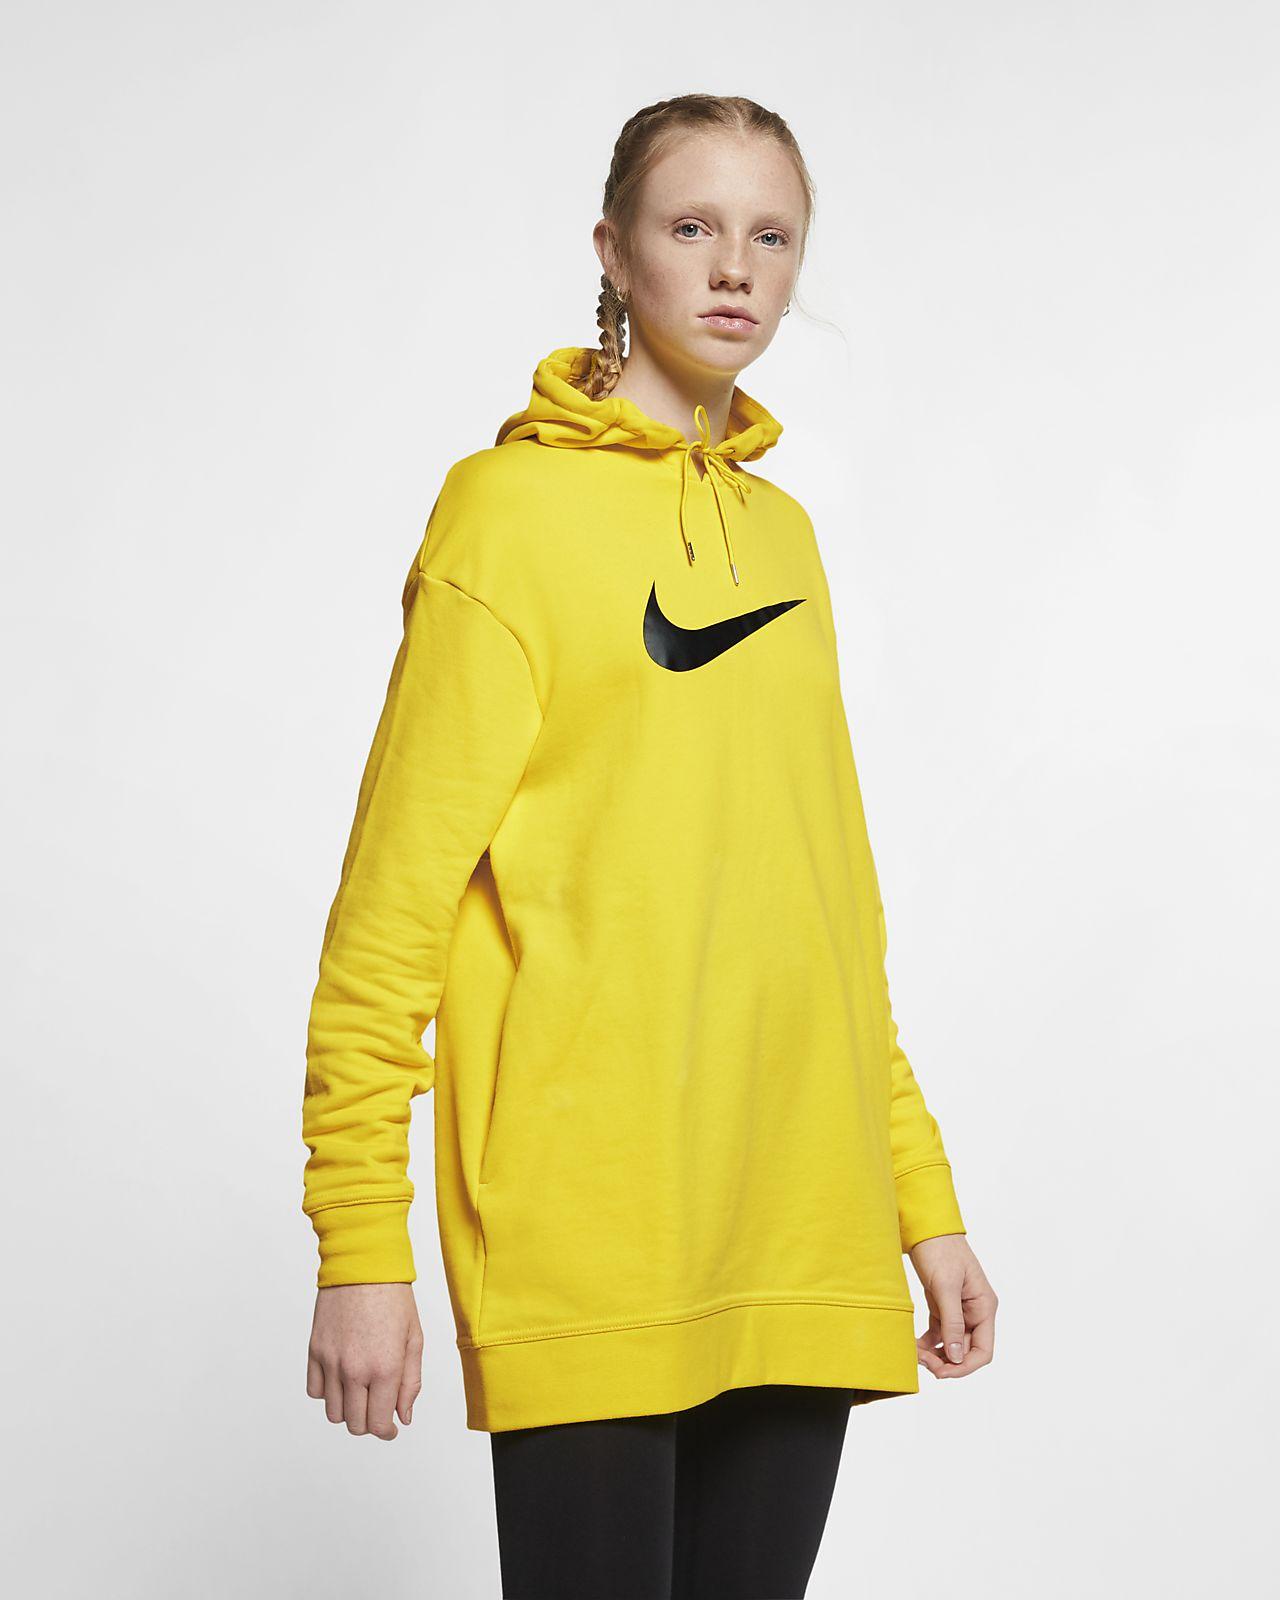 buy online 89493 f0d45 Nike Sportswear Swoosh